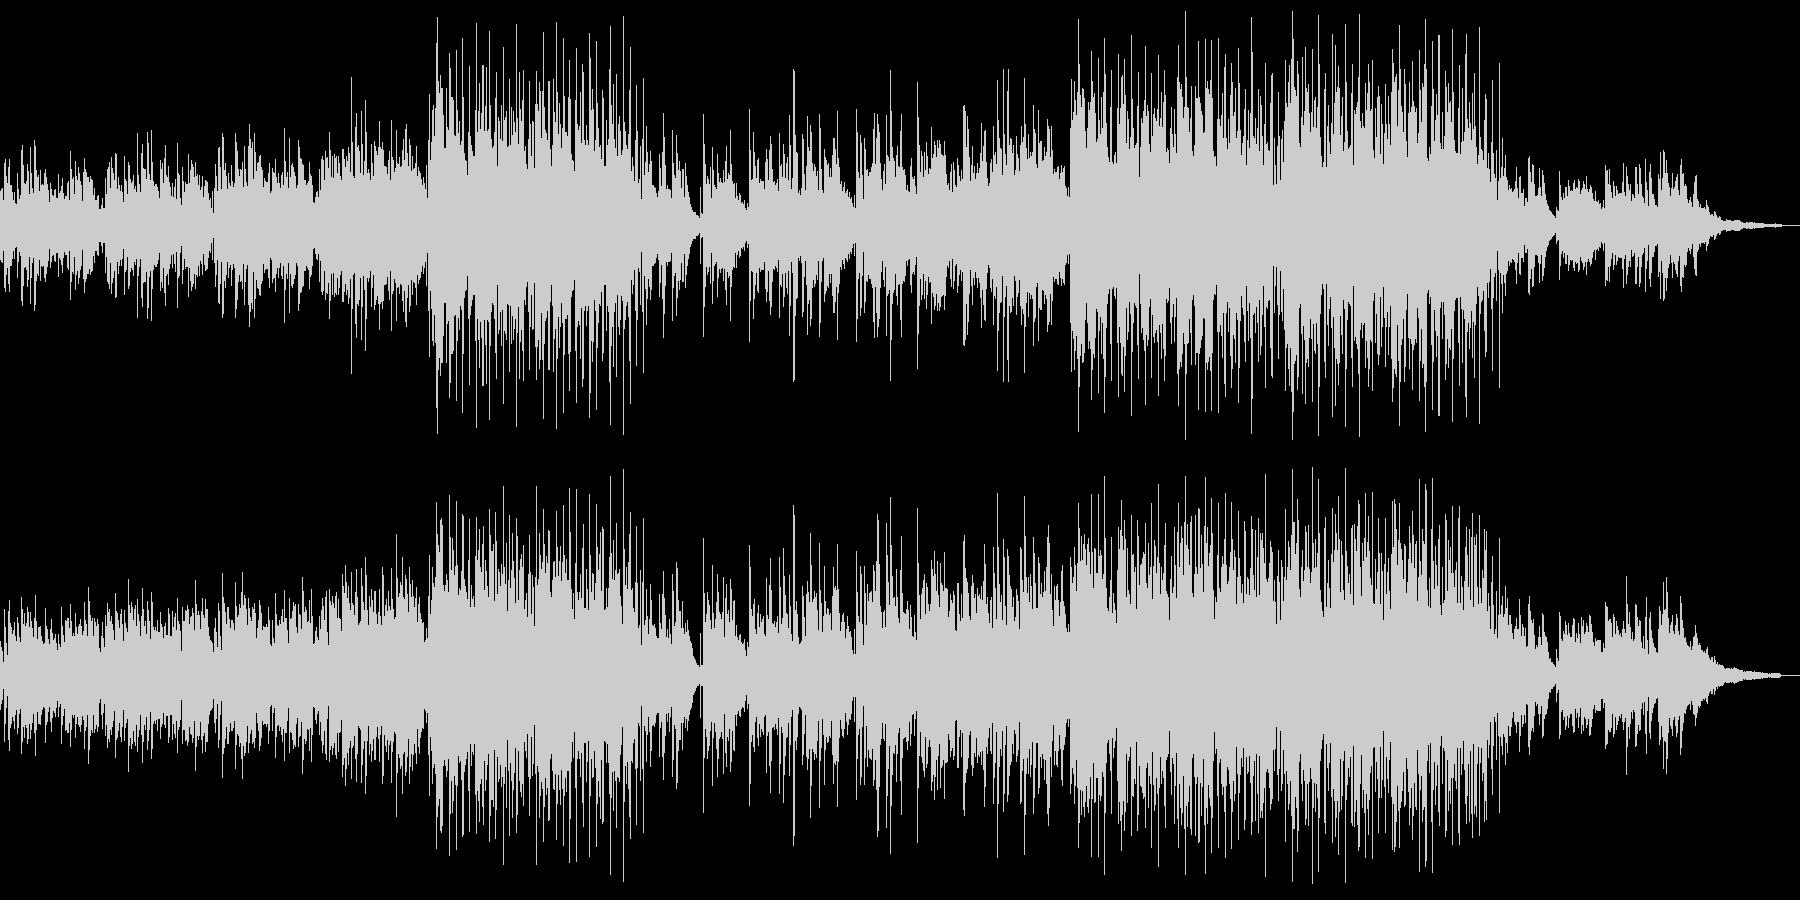 ノスタルジックなアコギアンサンブルの未再生の波形